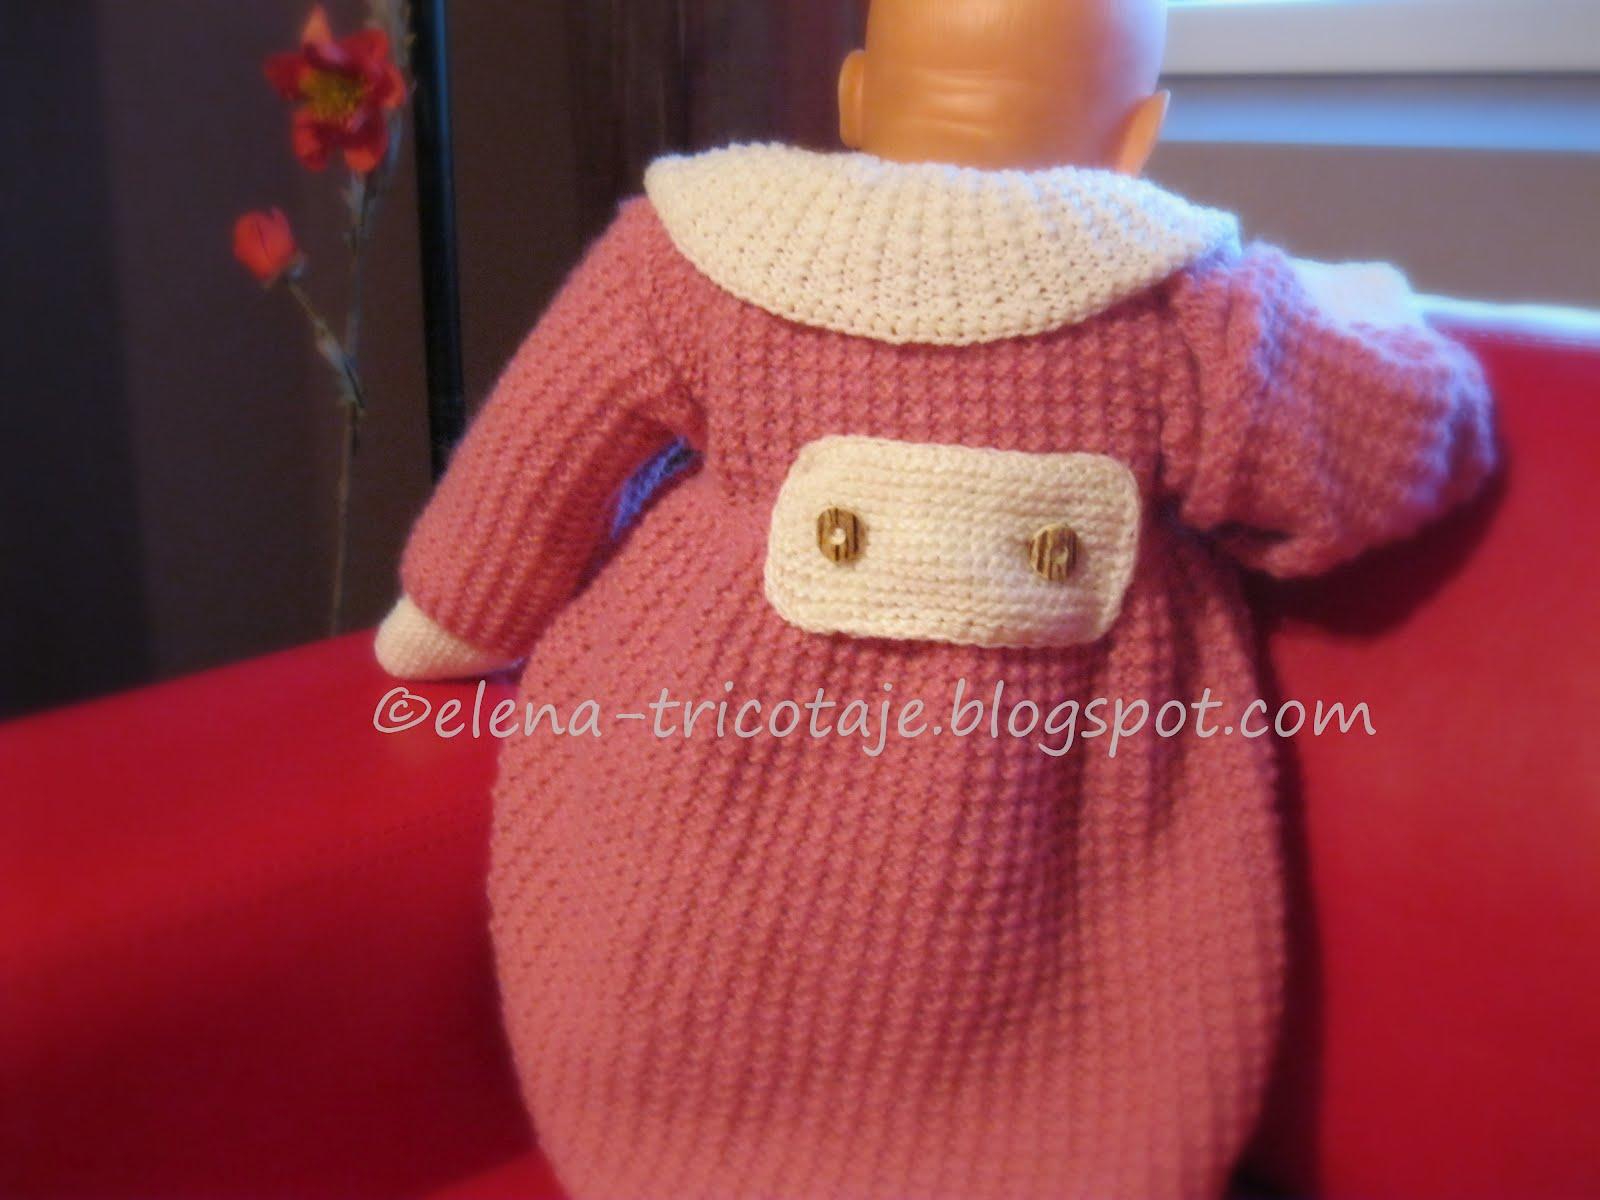 Tricotaje copii home | facebook.